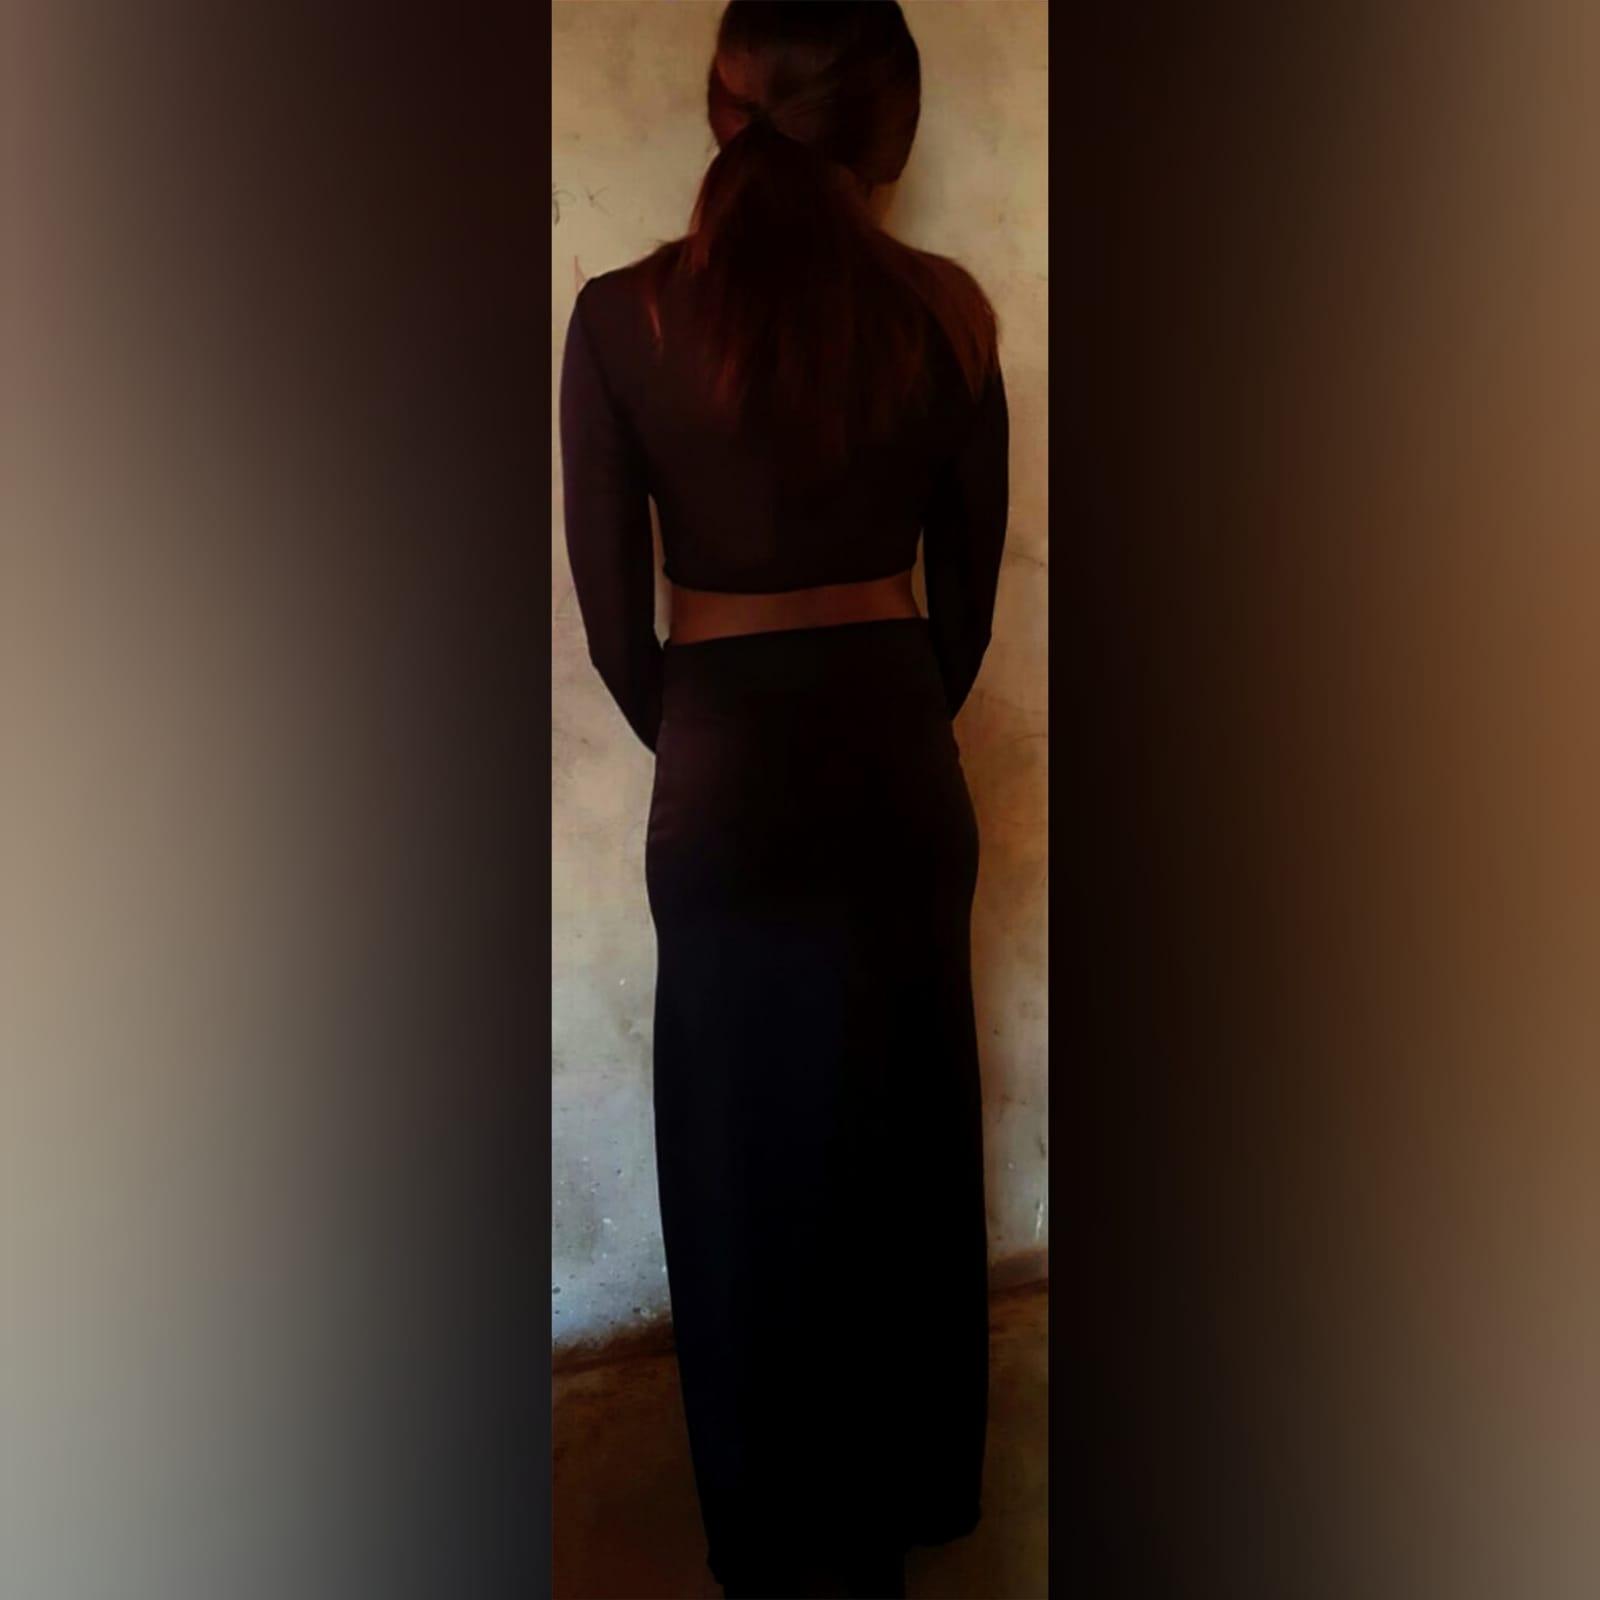 Vestido casual preto de 2 peças 3 vestido casual preto de 2 peças, com um top curto com mangas de malha translúcidas longas, com uma saia longa de lápis com uma racha